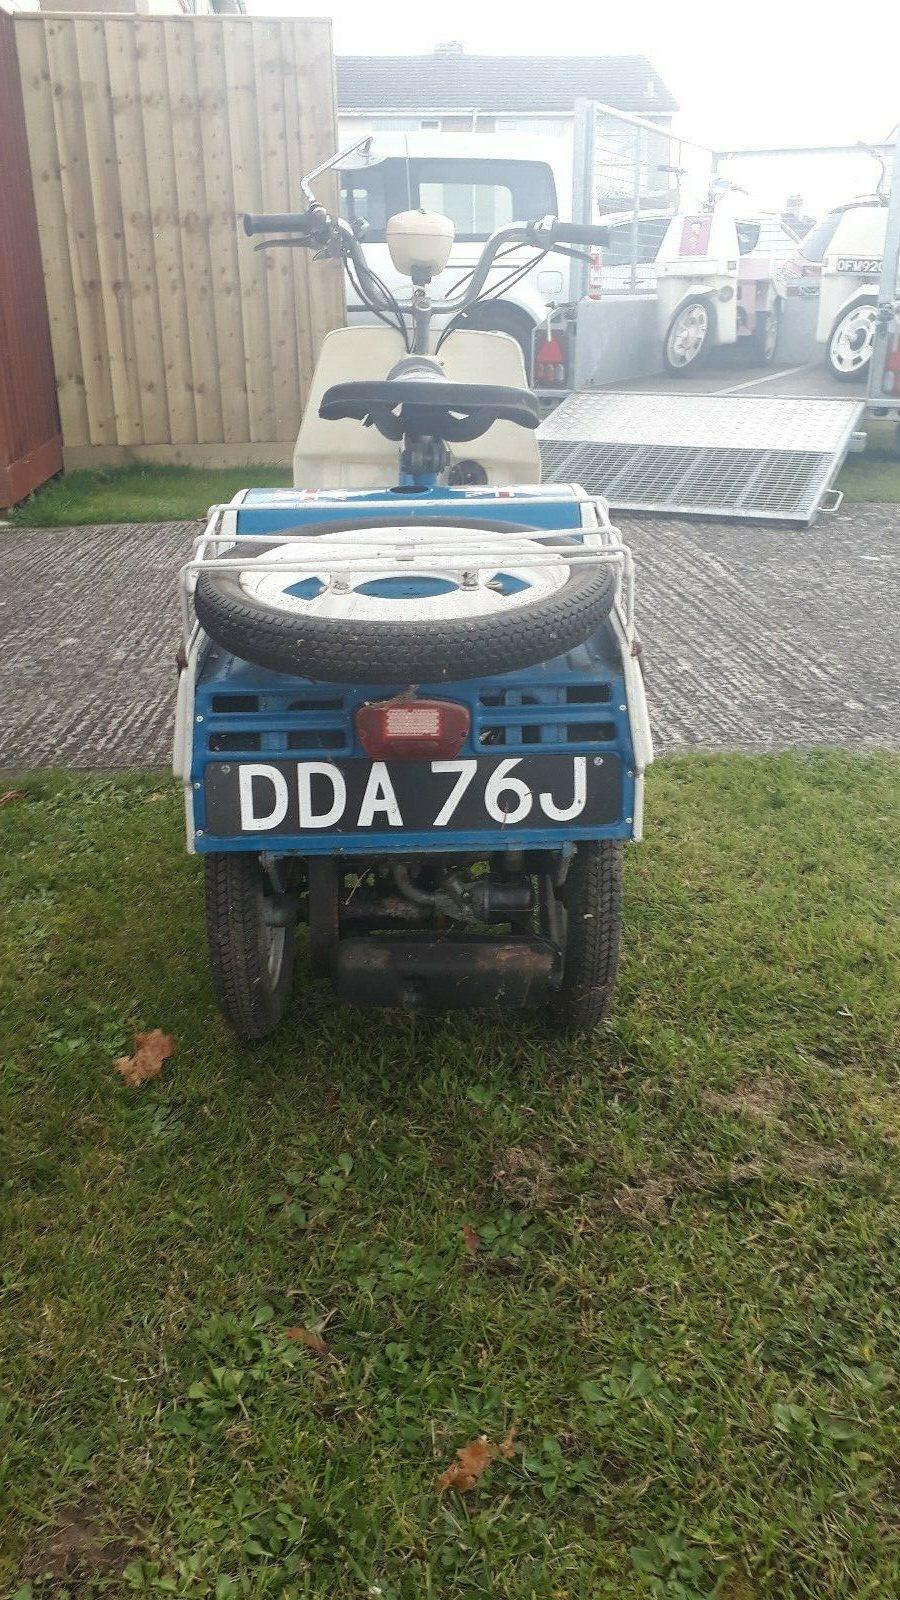 DDA 76 J